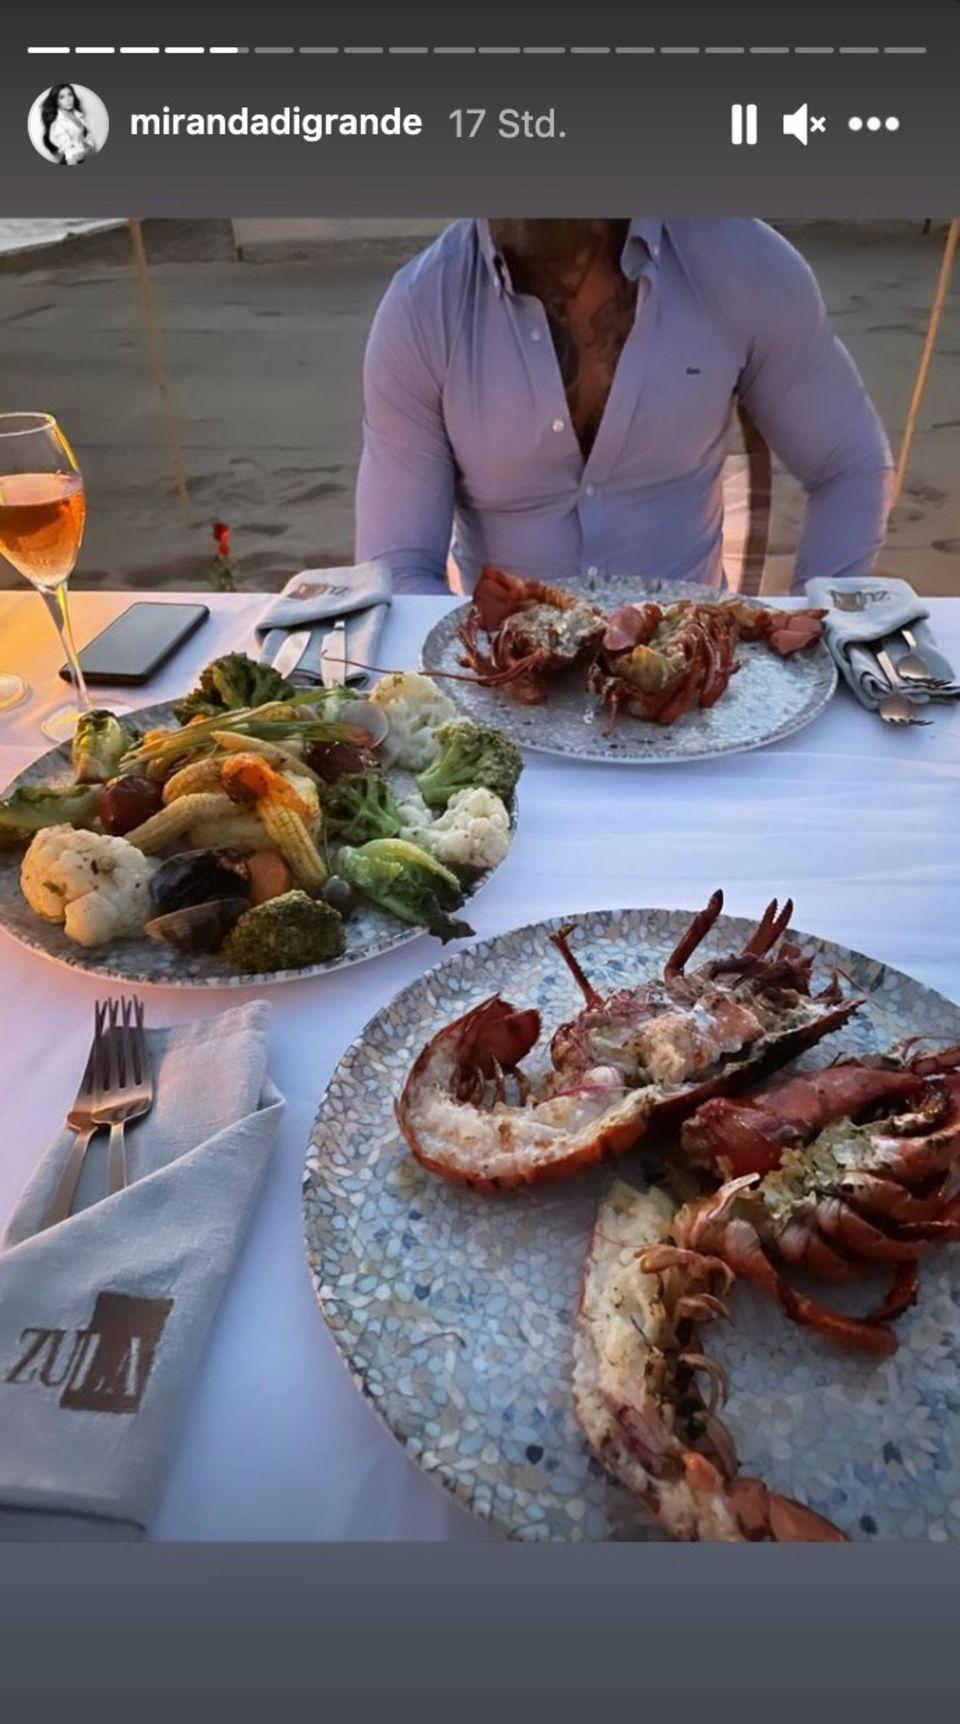 Nathalie Volk beim romantischen Dinner mit ihrem Verlobten